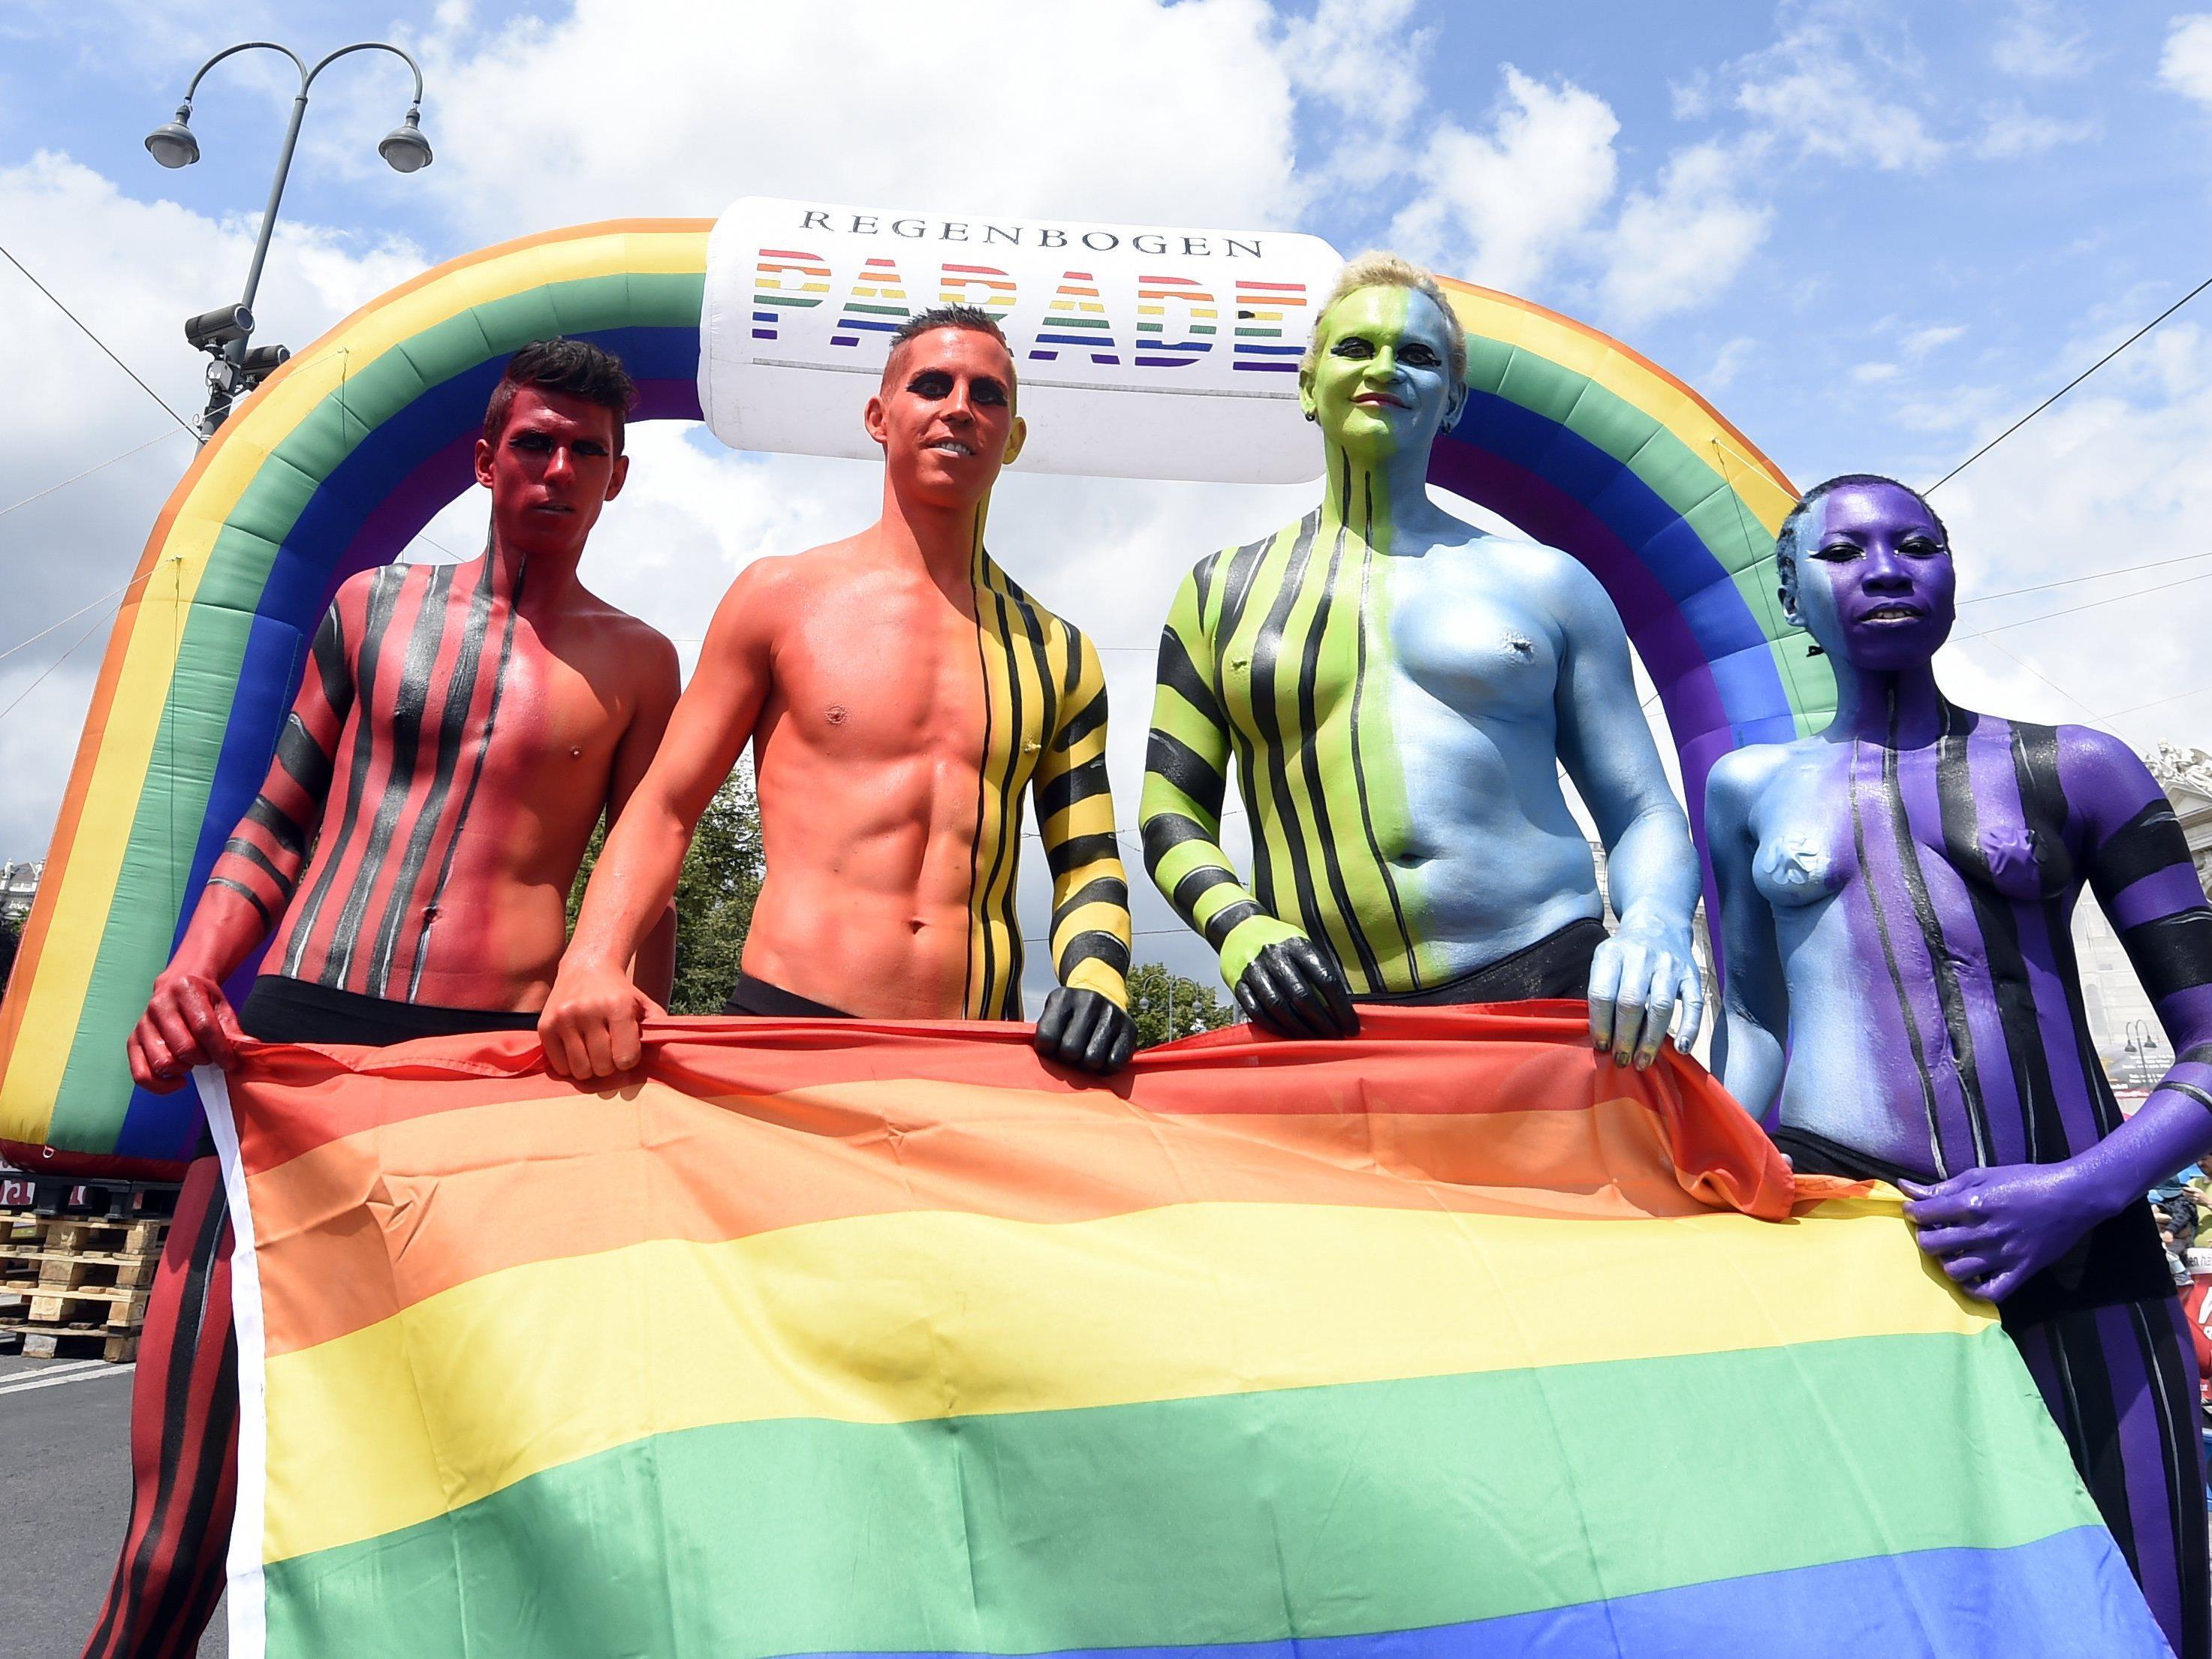 So war die Regenbogenparade 2015.